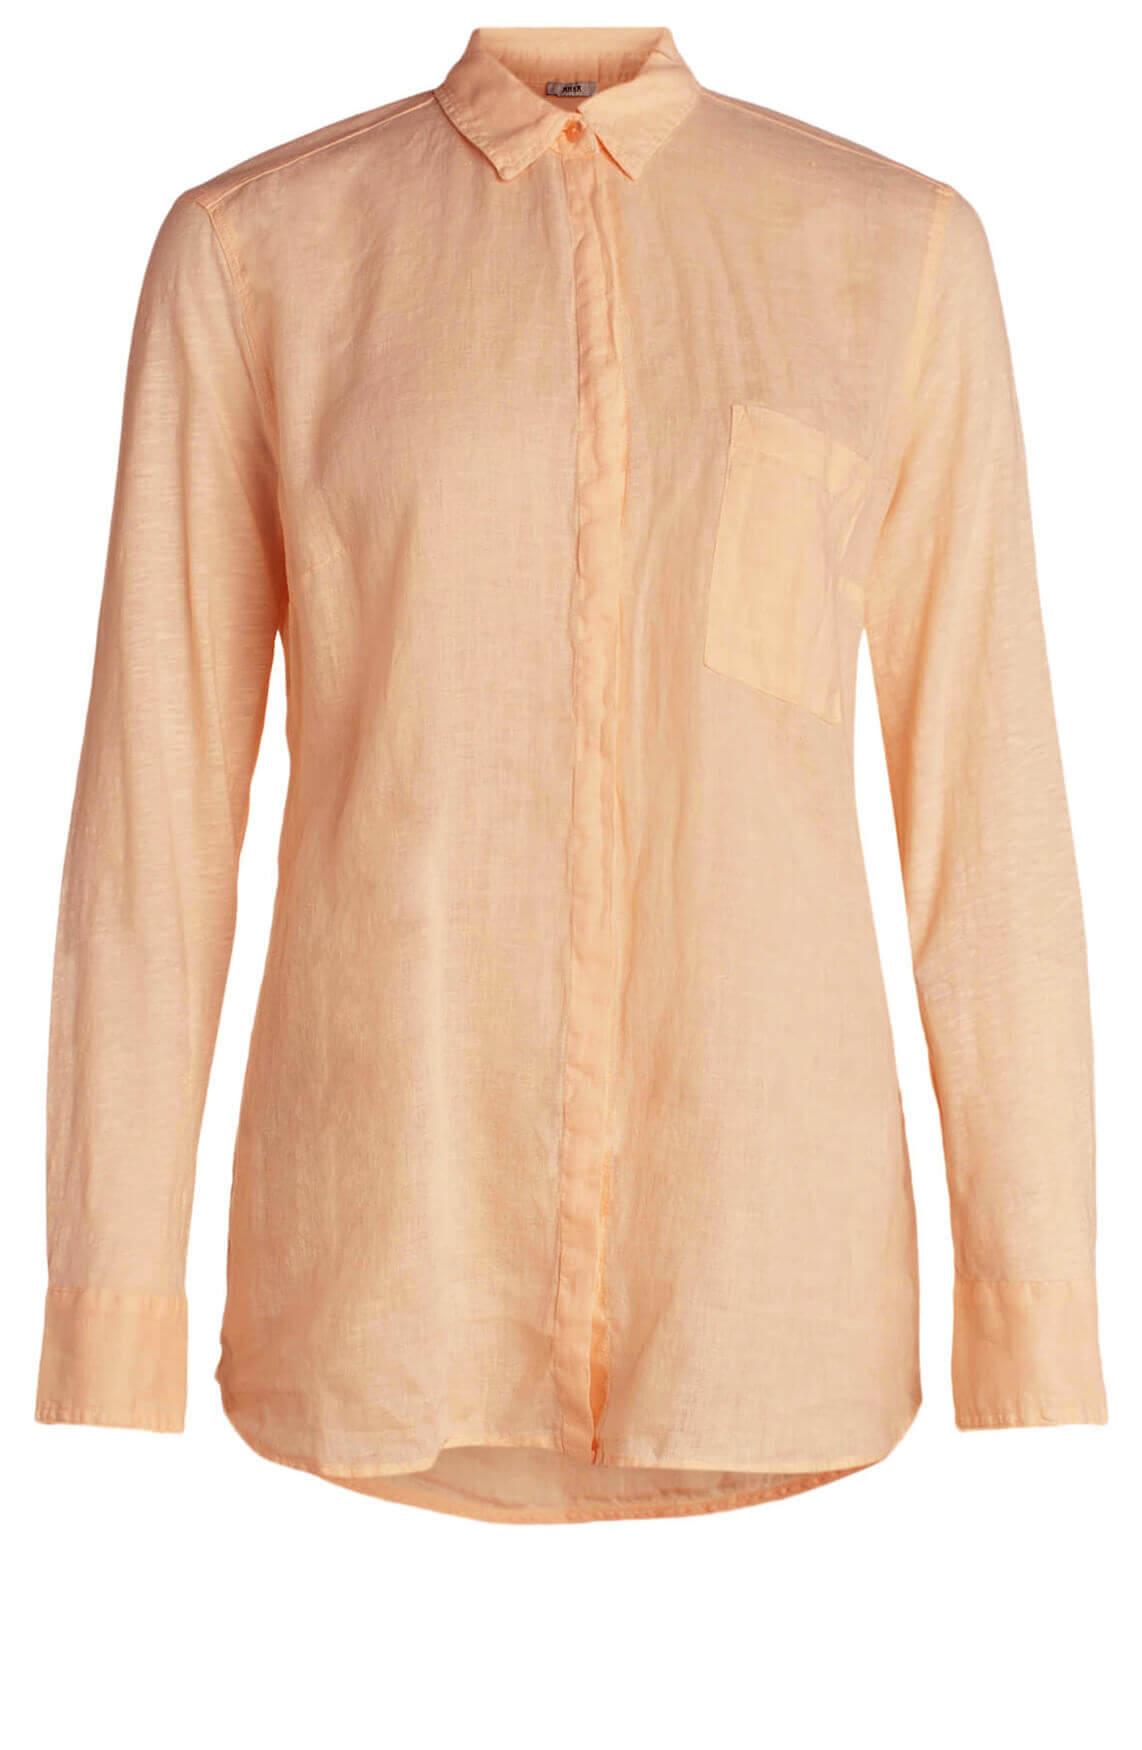 Anna Dames Materiaalmix blouse roze